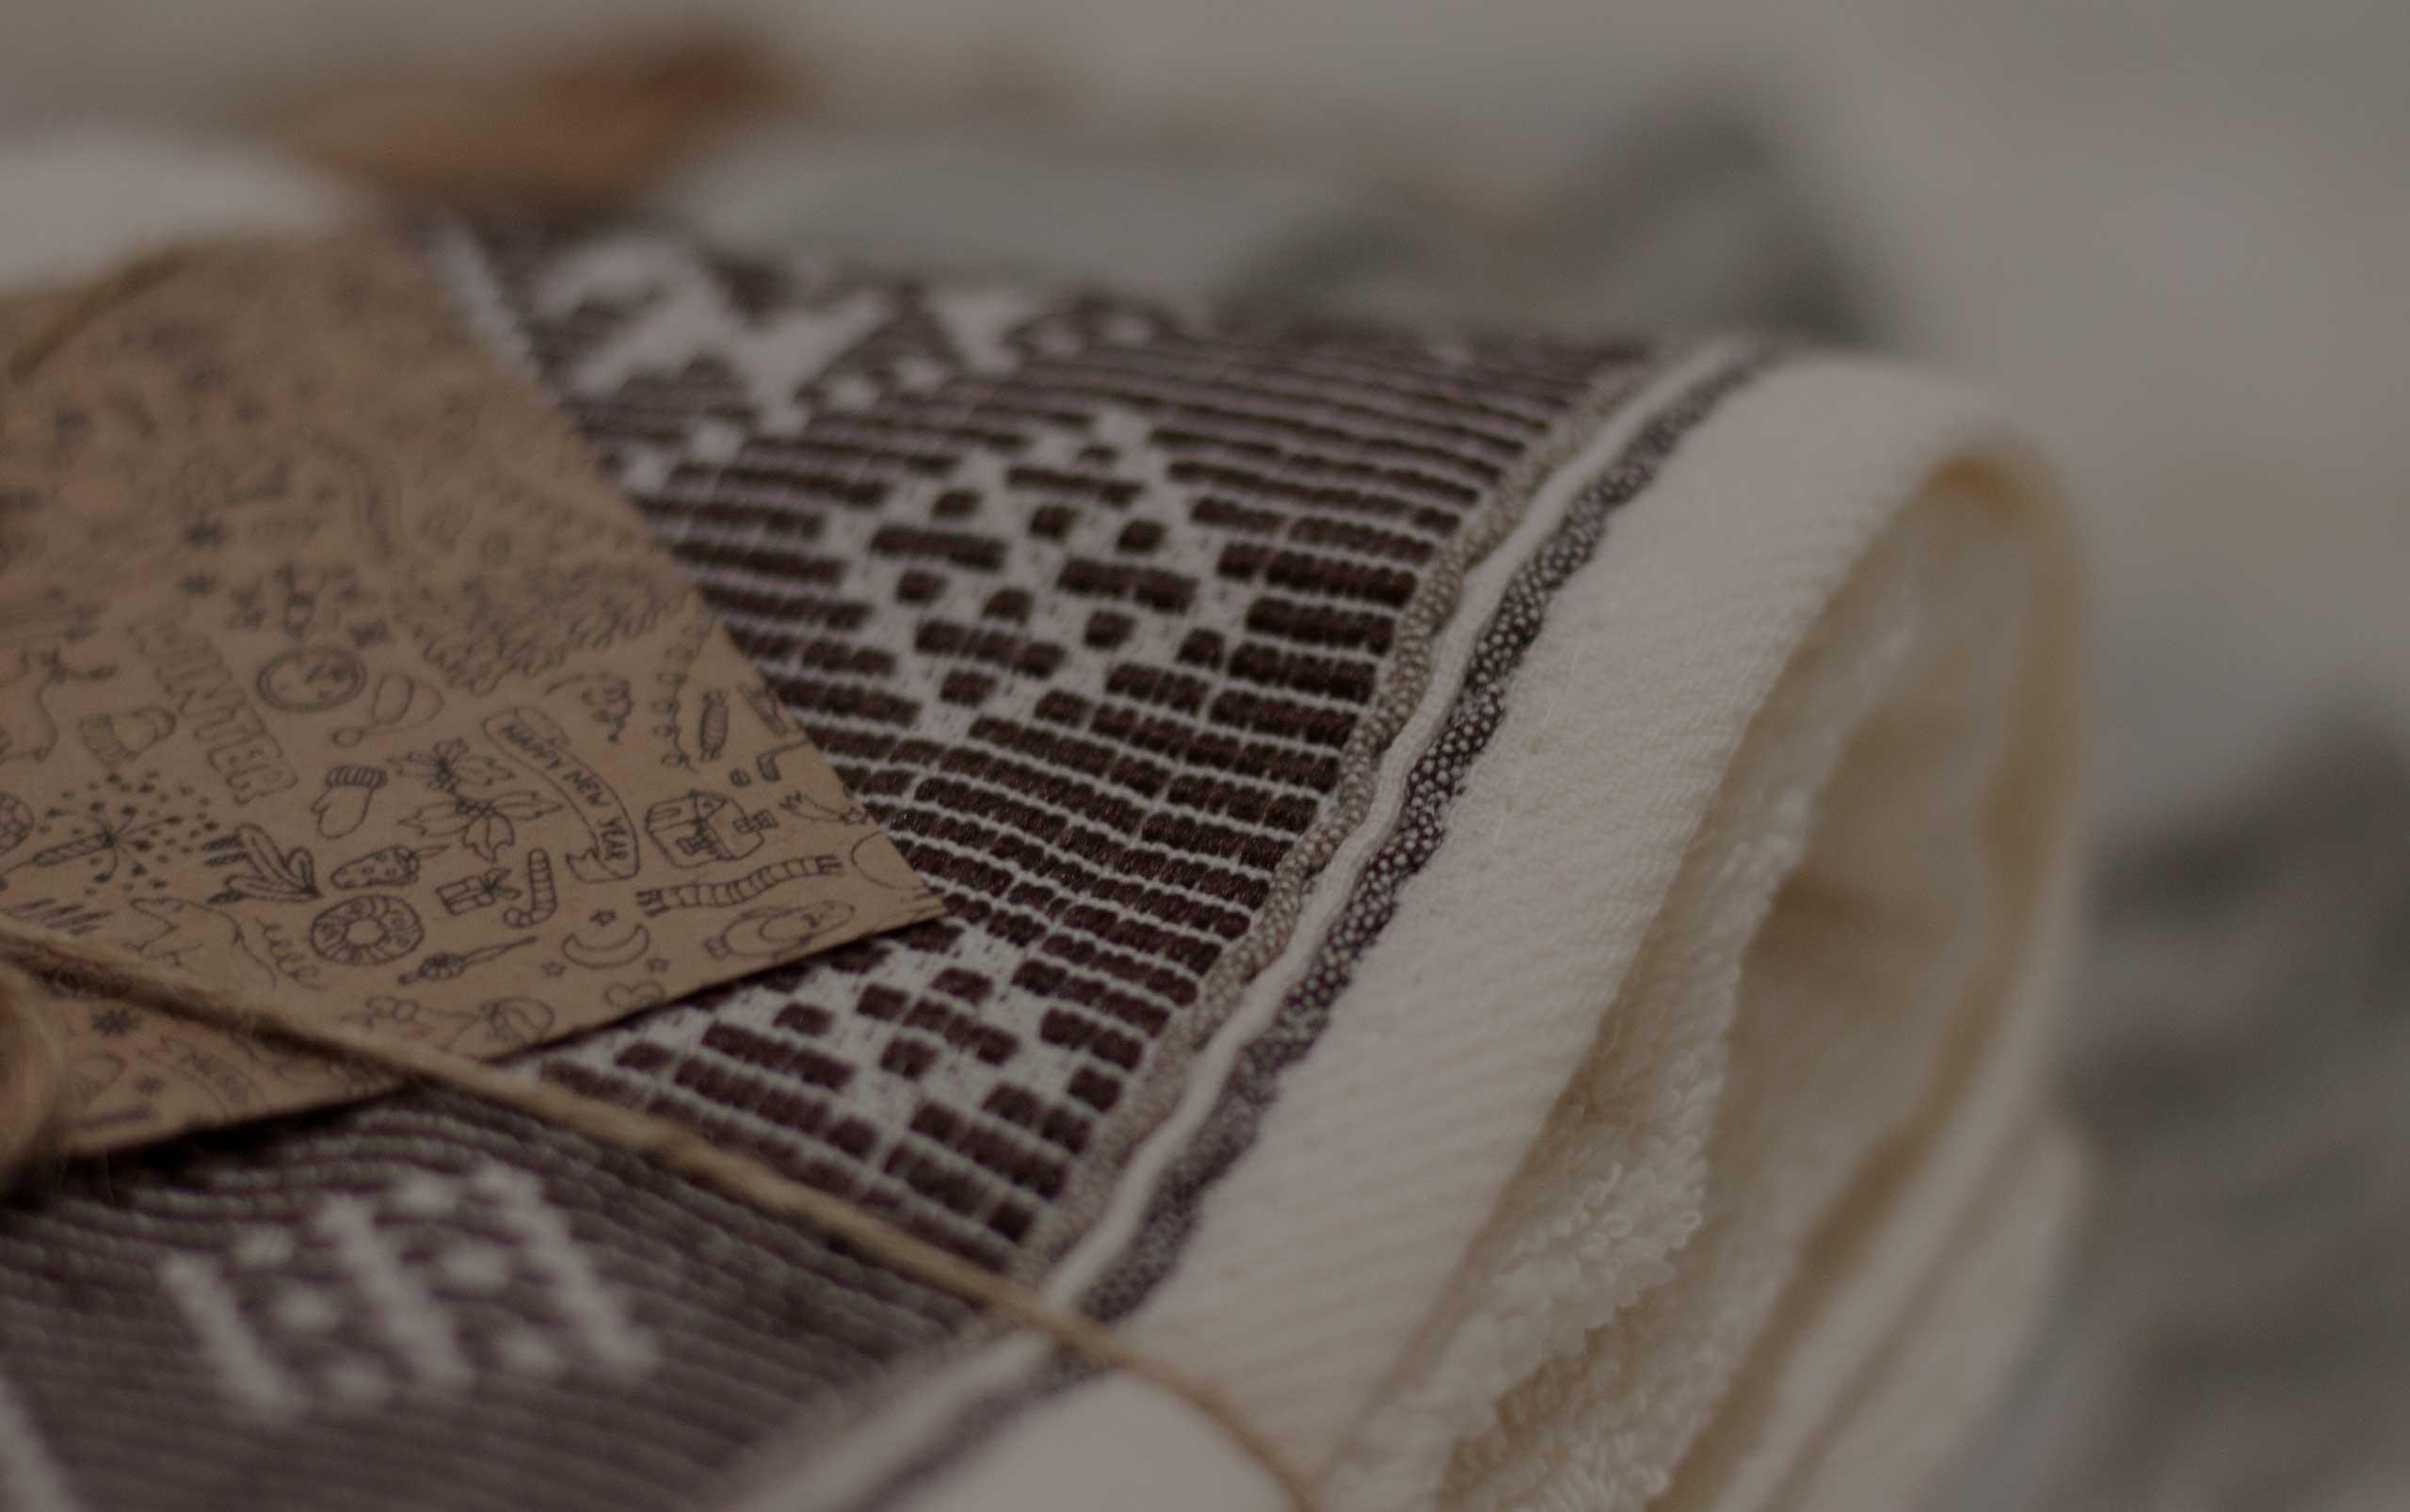 Commodus, акции, постельное белье, полотенца, пледы, покрывала, интернет-магазин постельного белья, постельное белье пермь, домашний текстиль пермь, интернет-магазин домашний текстиль Пермь